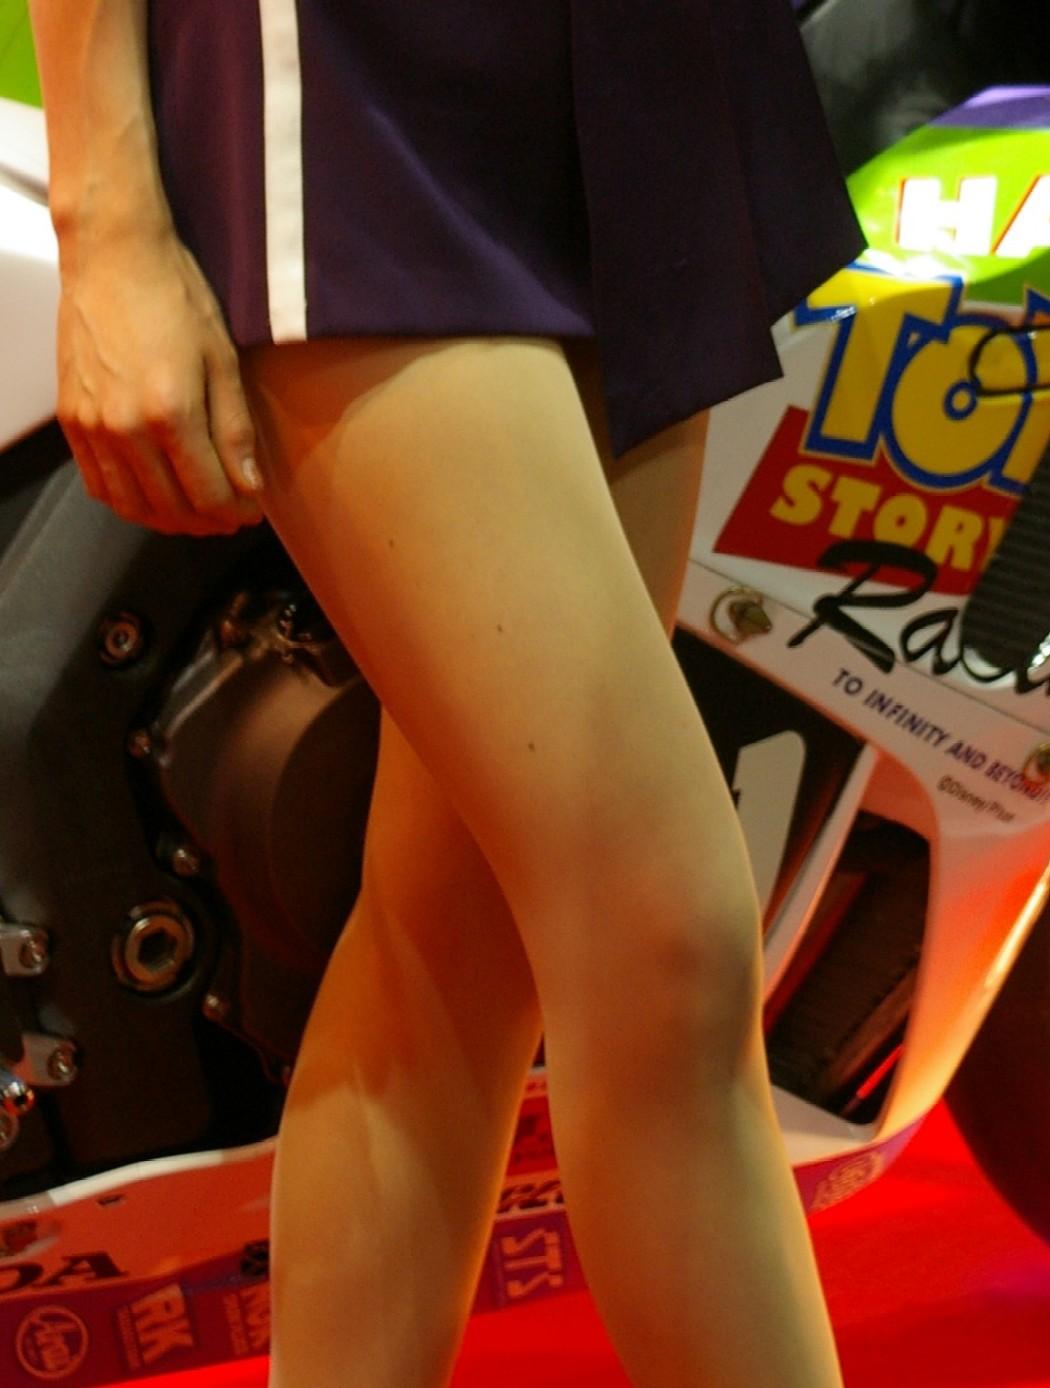 【キャンギャルエロ画像】猛暑でも見に行く価値はある!イベントを盛り上げるキャンギャルの美脚www 09